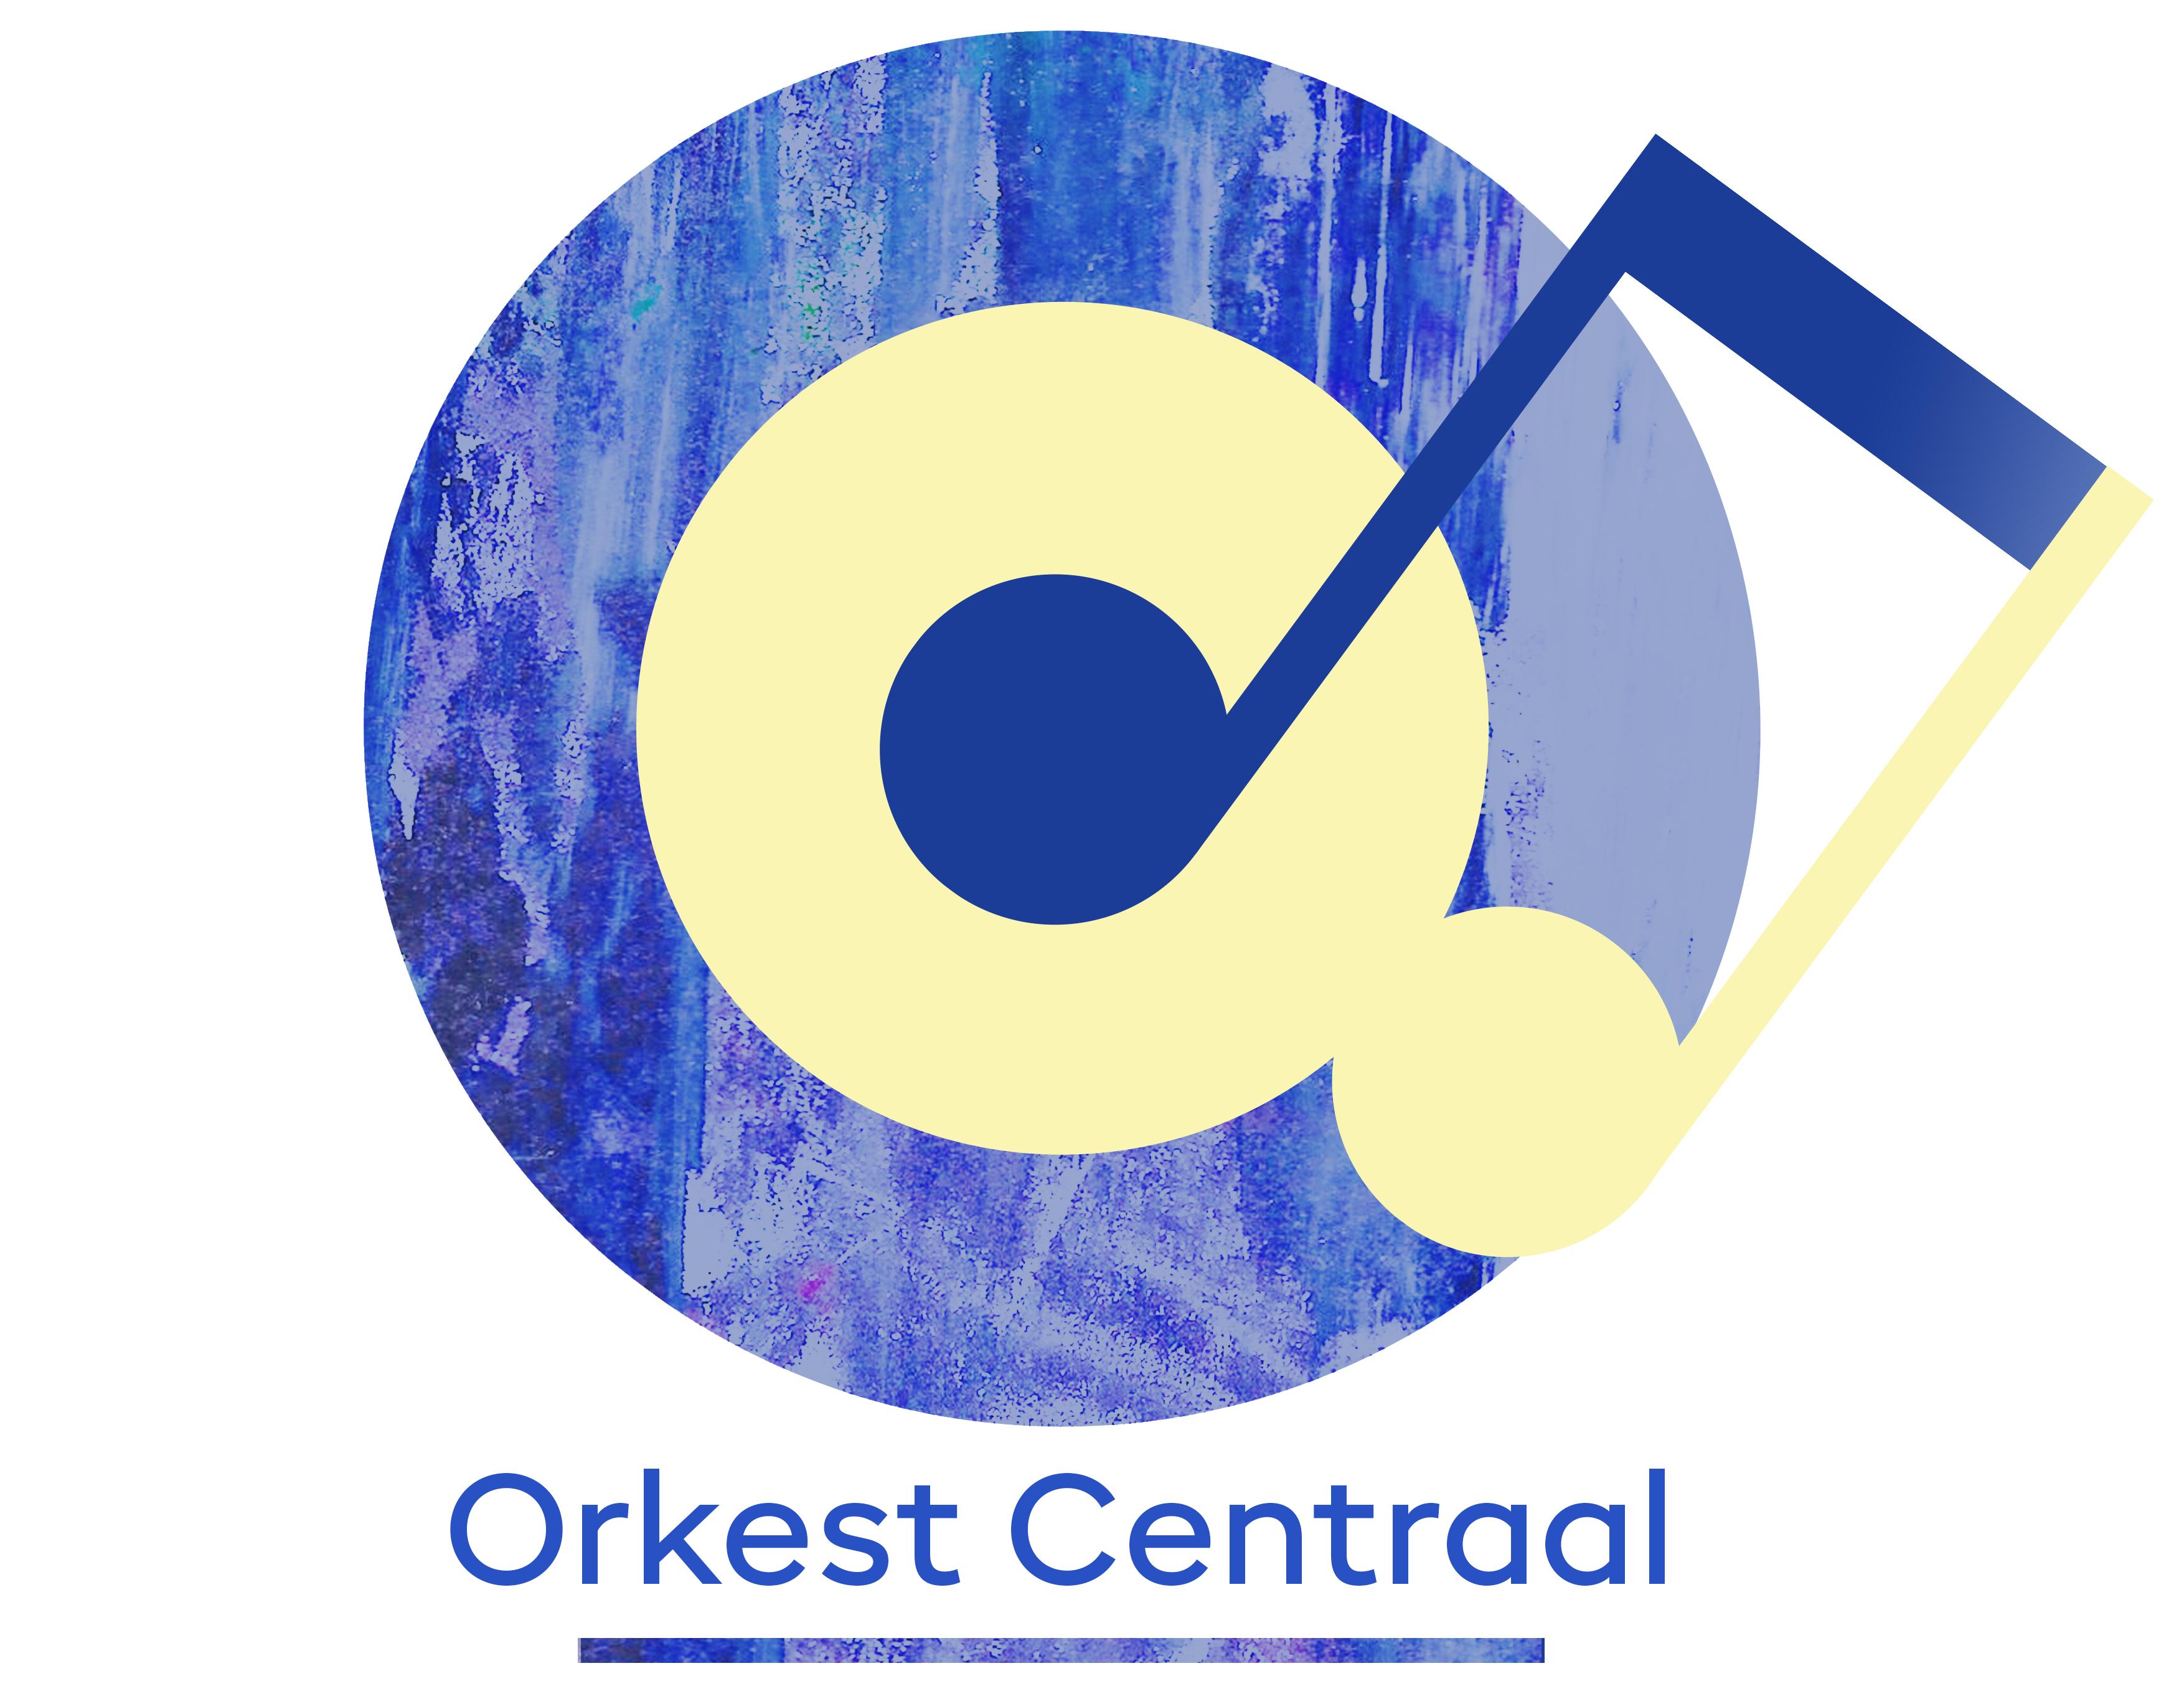 Orkest Centraal